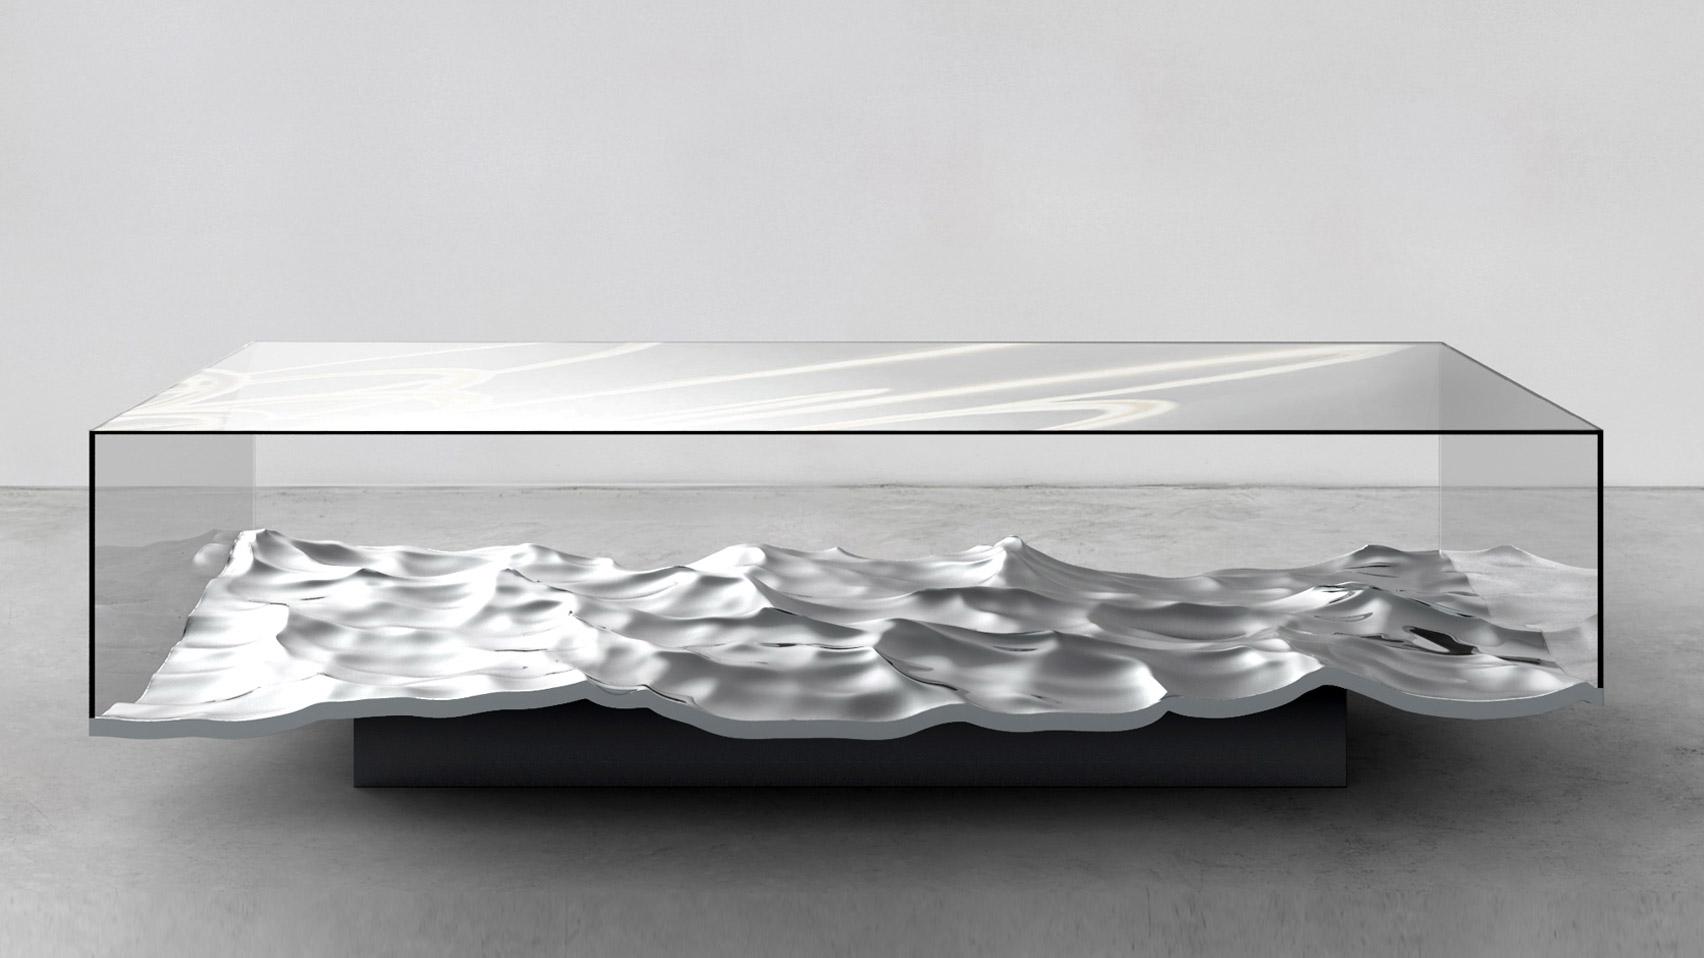 Mathieu lehanneur brings liquid marble technique to tables